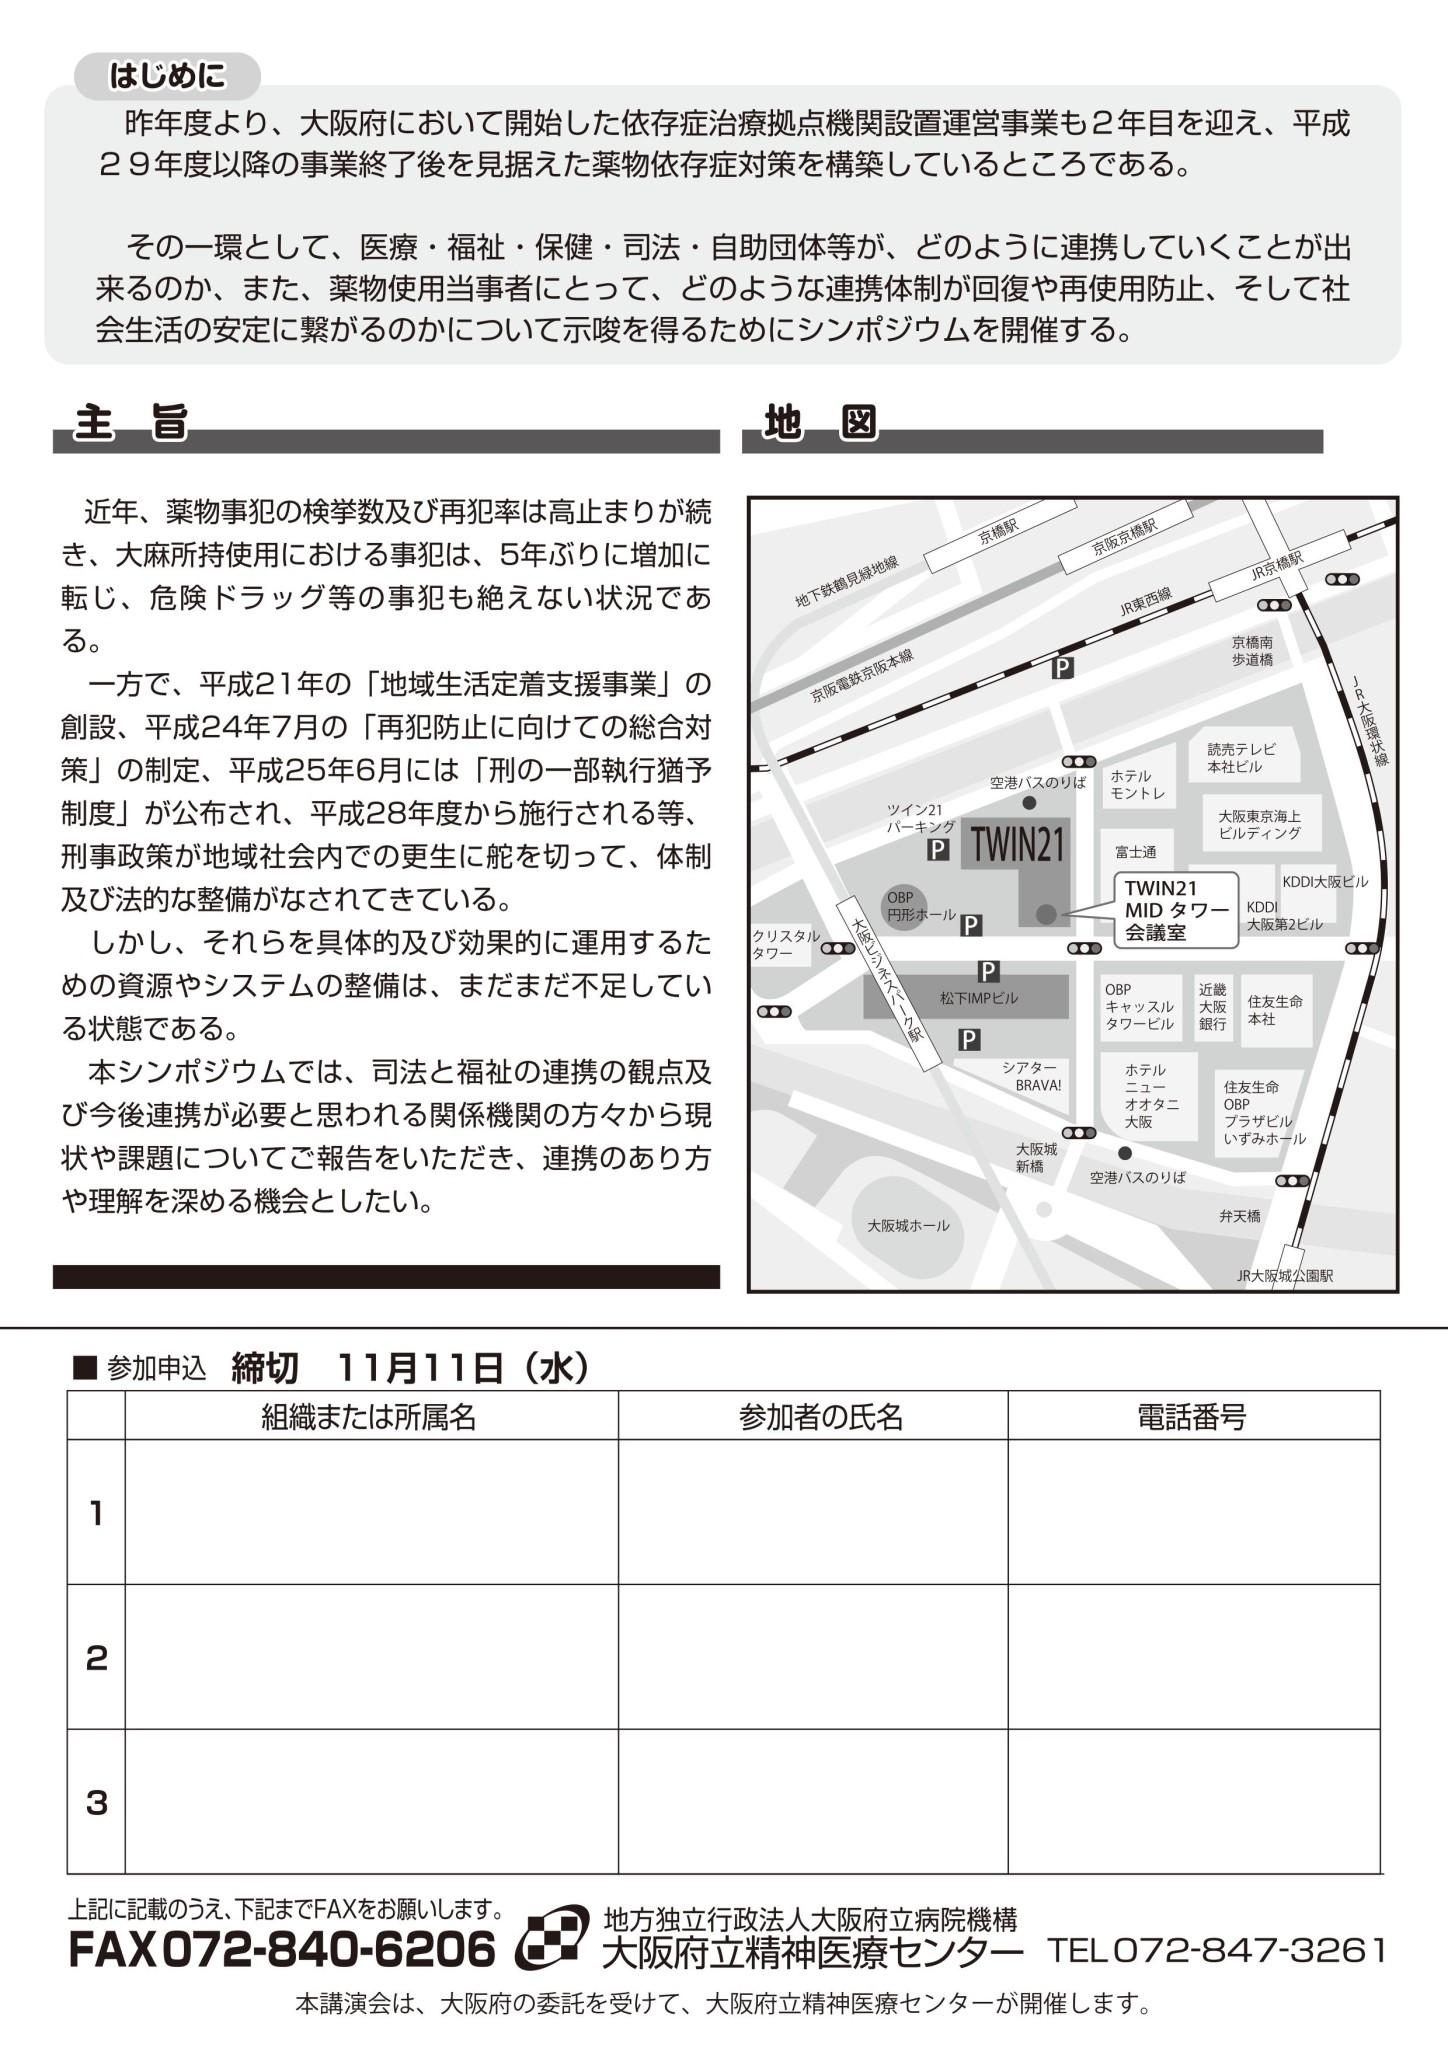 精神医療+最終 両面_02